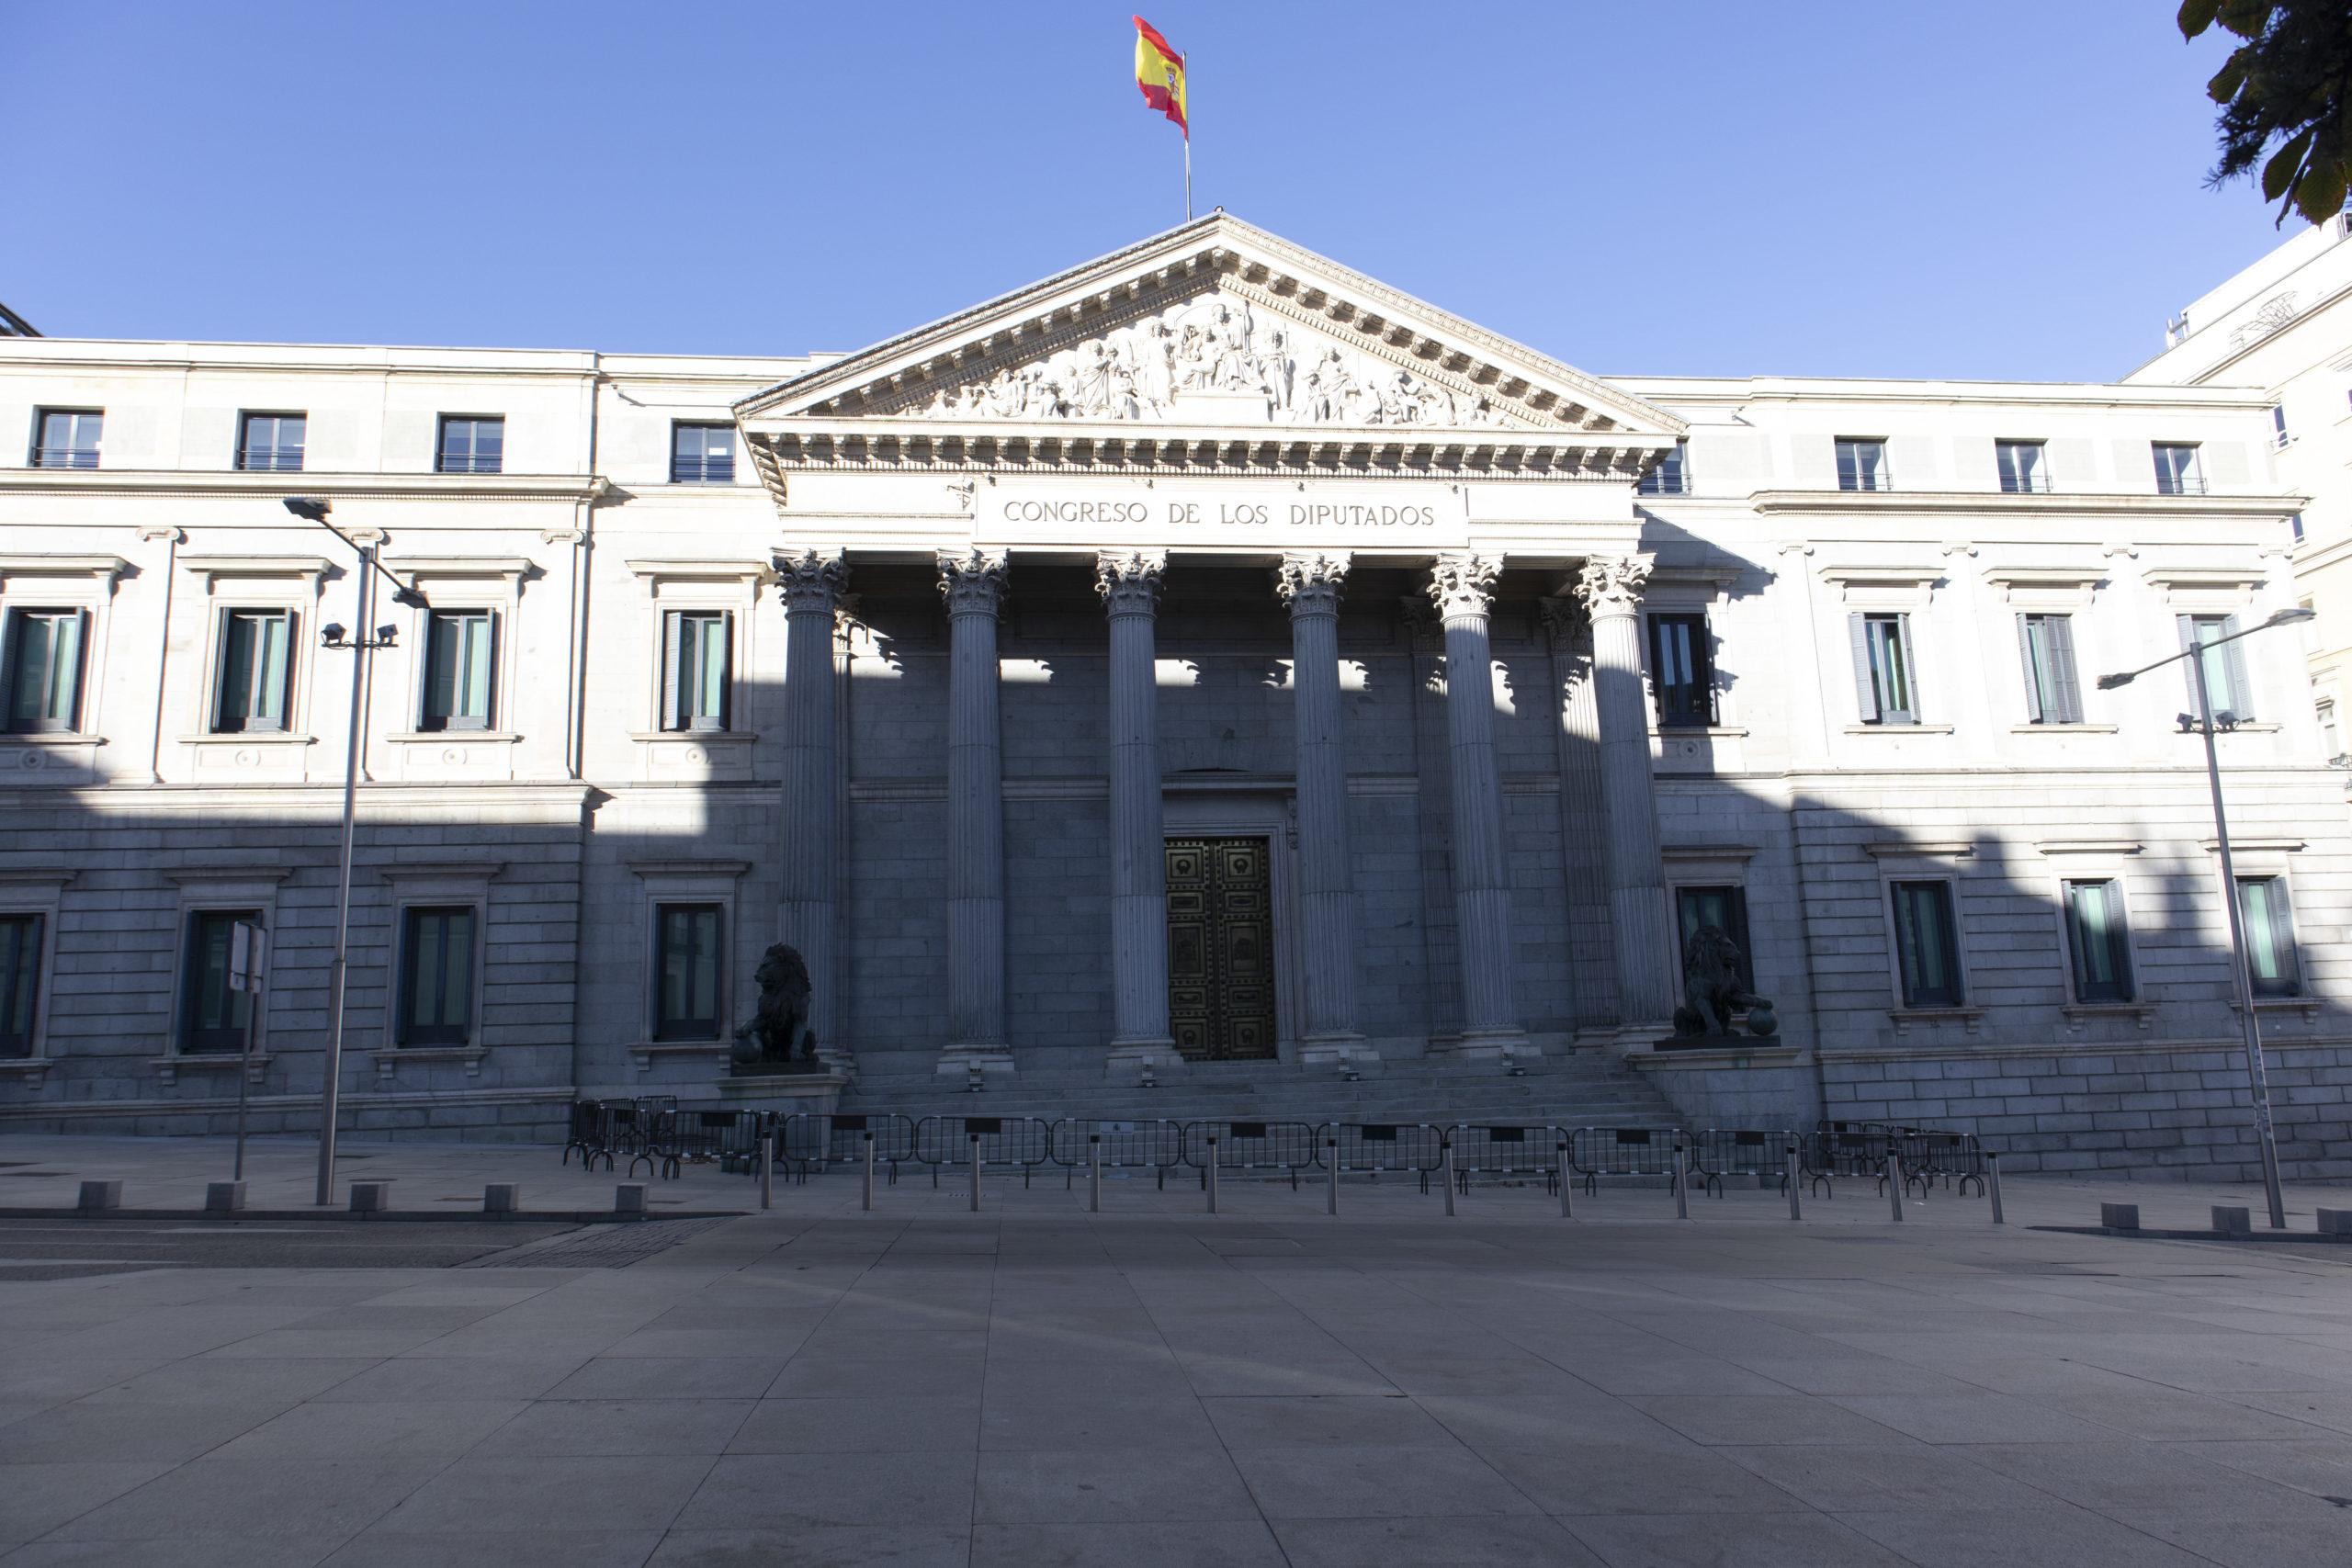 congreso-diputados-madrid